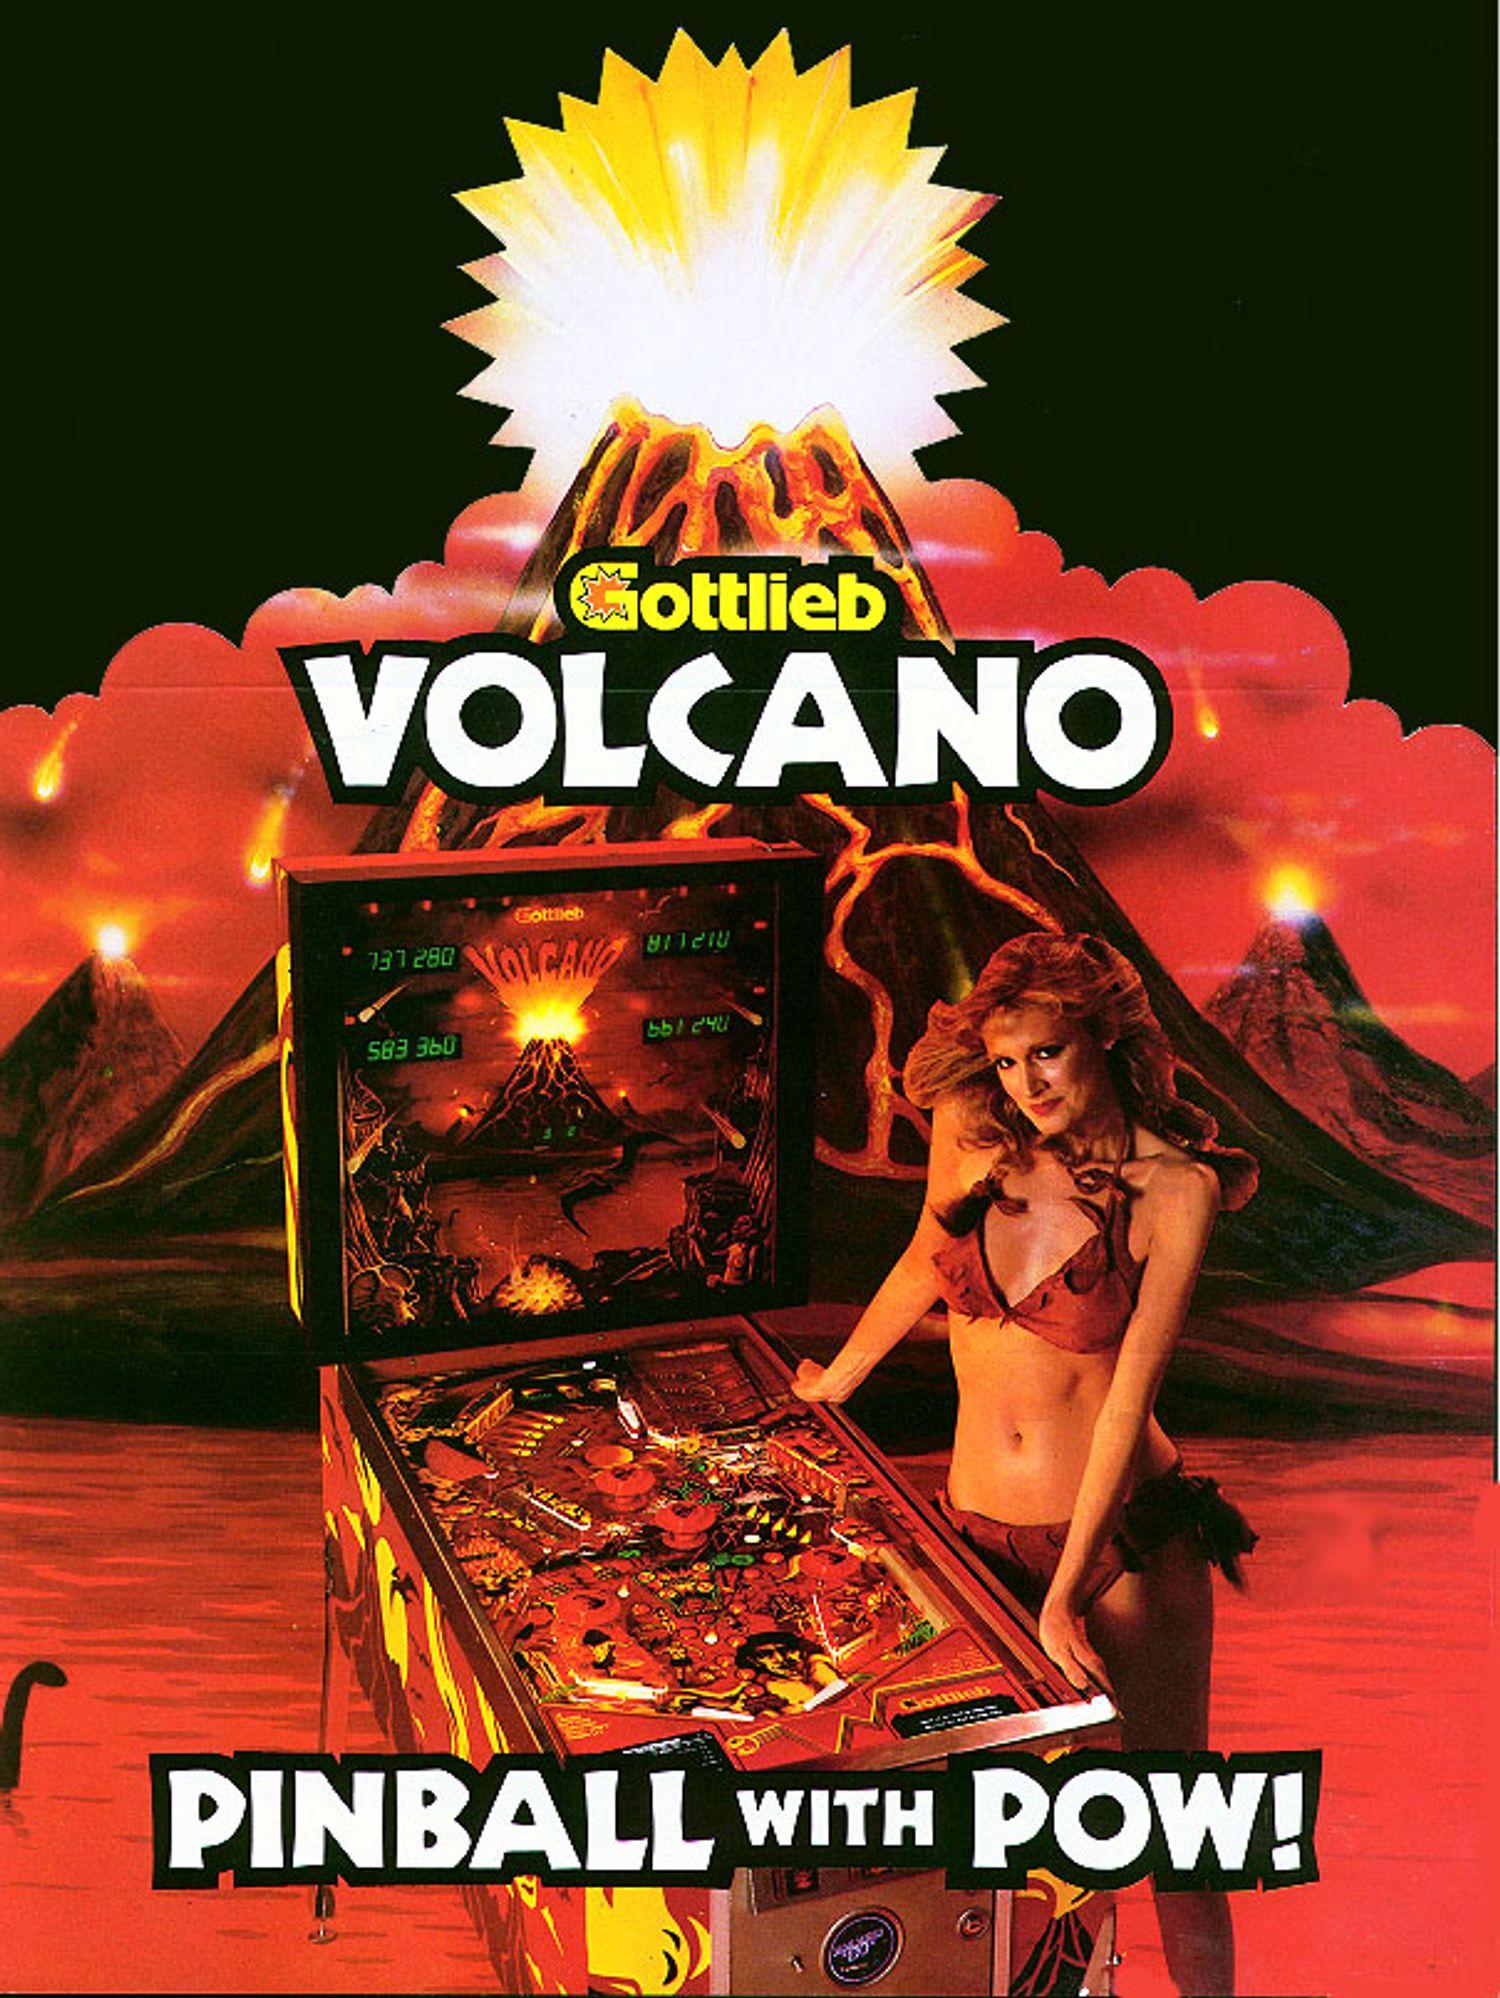 Volcano Flyer front